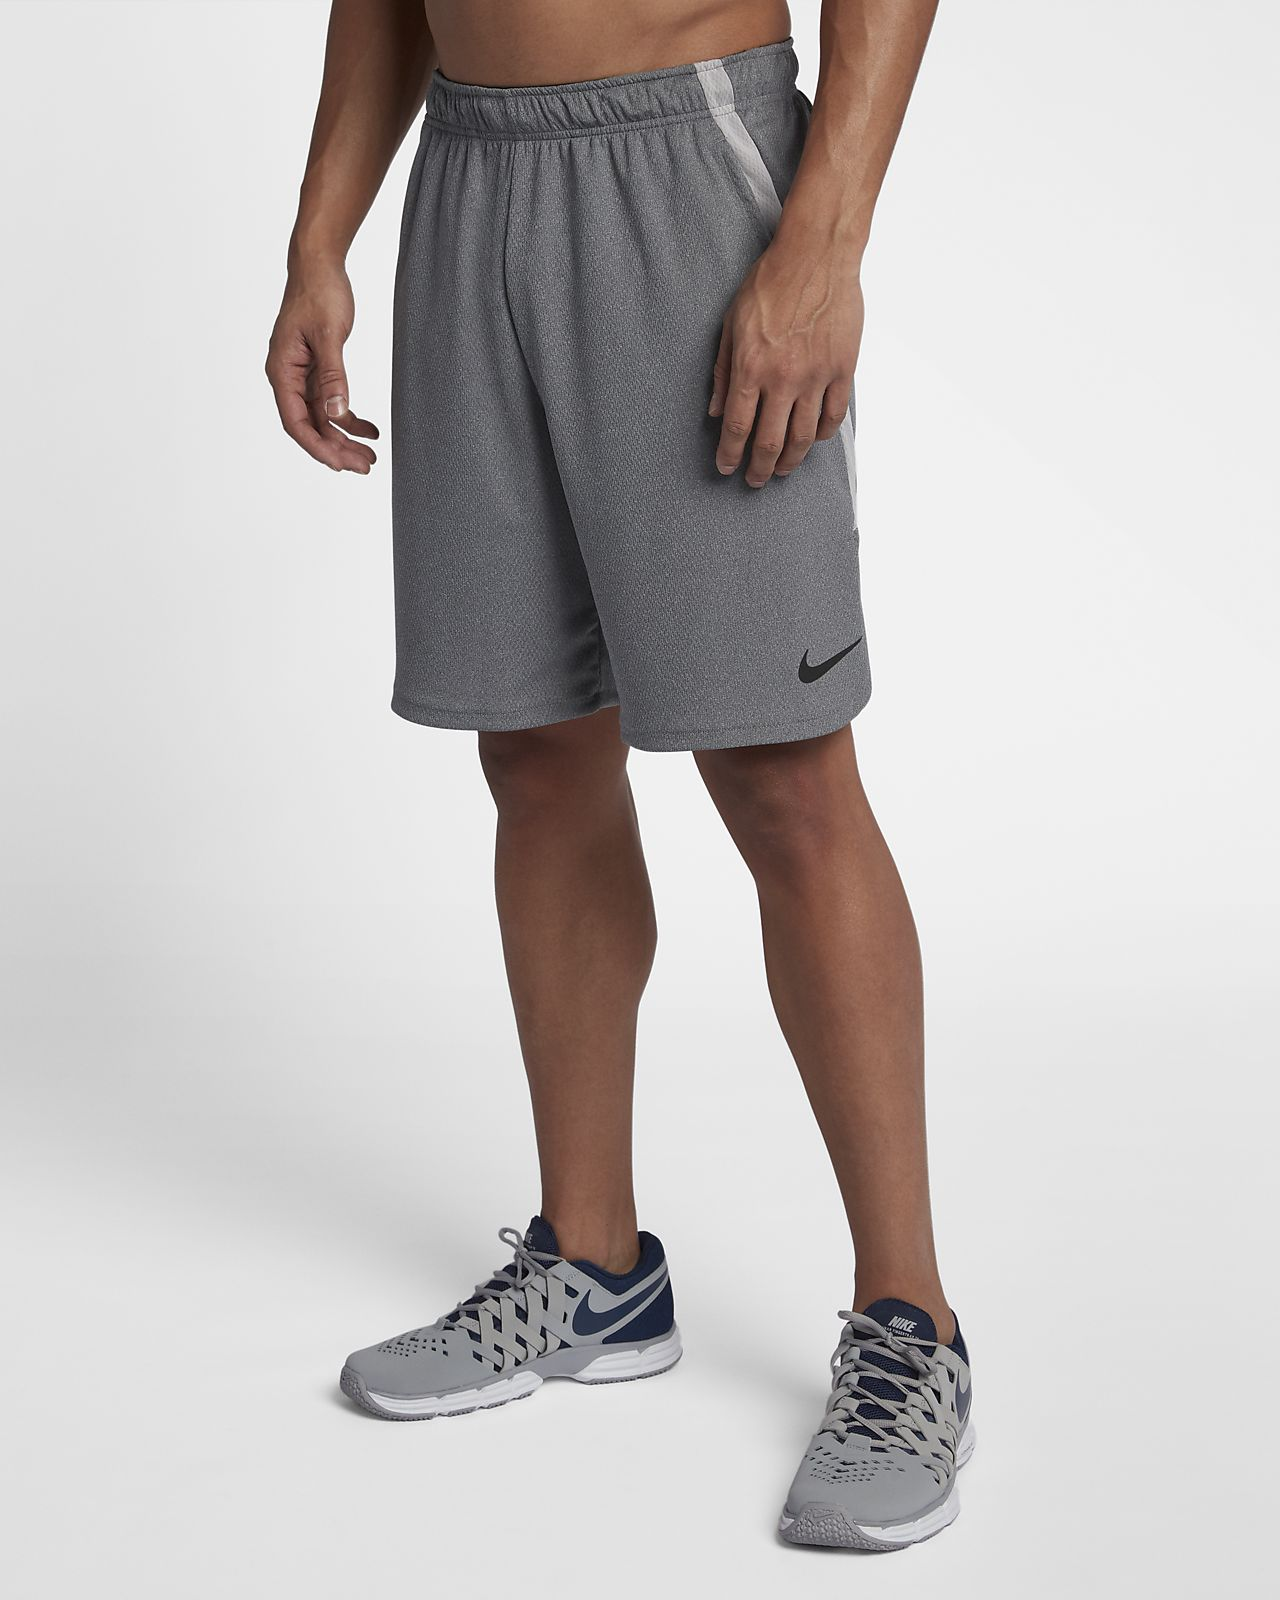 Nike Dri-FIT-vævede træningsshorts (23 cm) til mænd